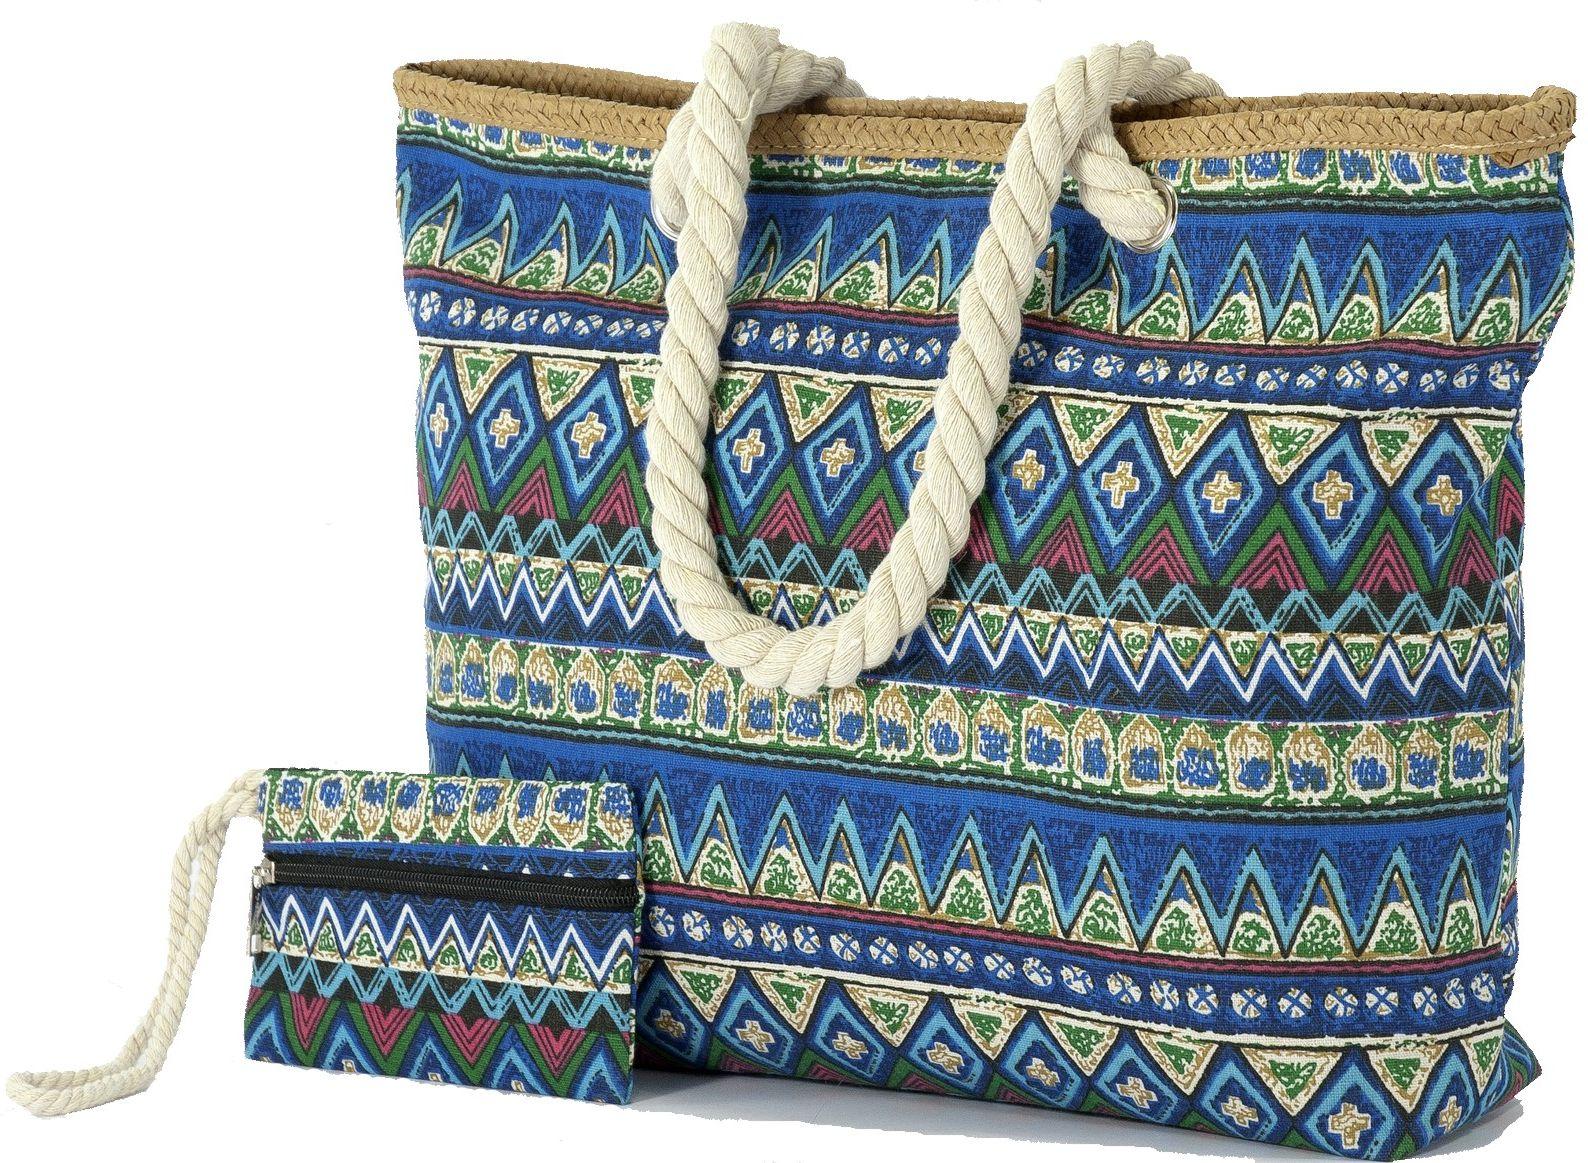 Τσαντα Θαλασσης με Πορτοφολακι Benzi BZ5082 Μπλε Ρουα πορτοφολια   αξεσουάρ   αξεσουαρ   τσάντες παραλίας